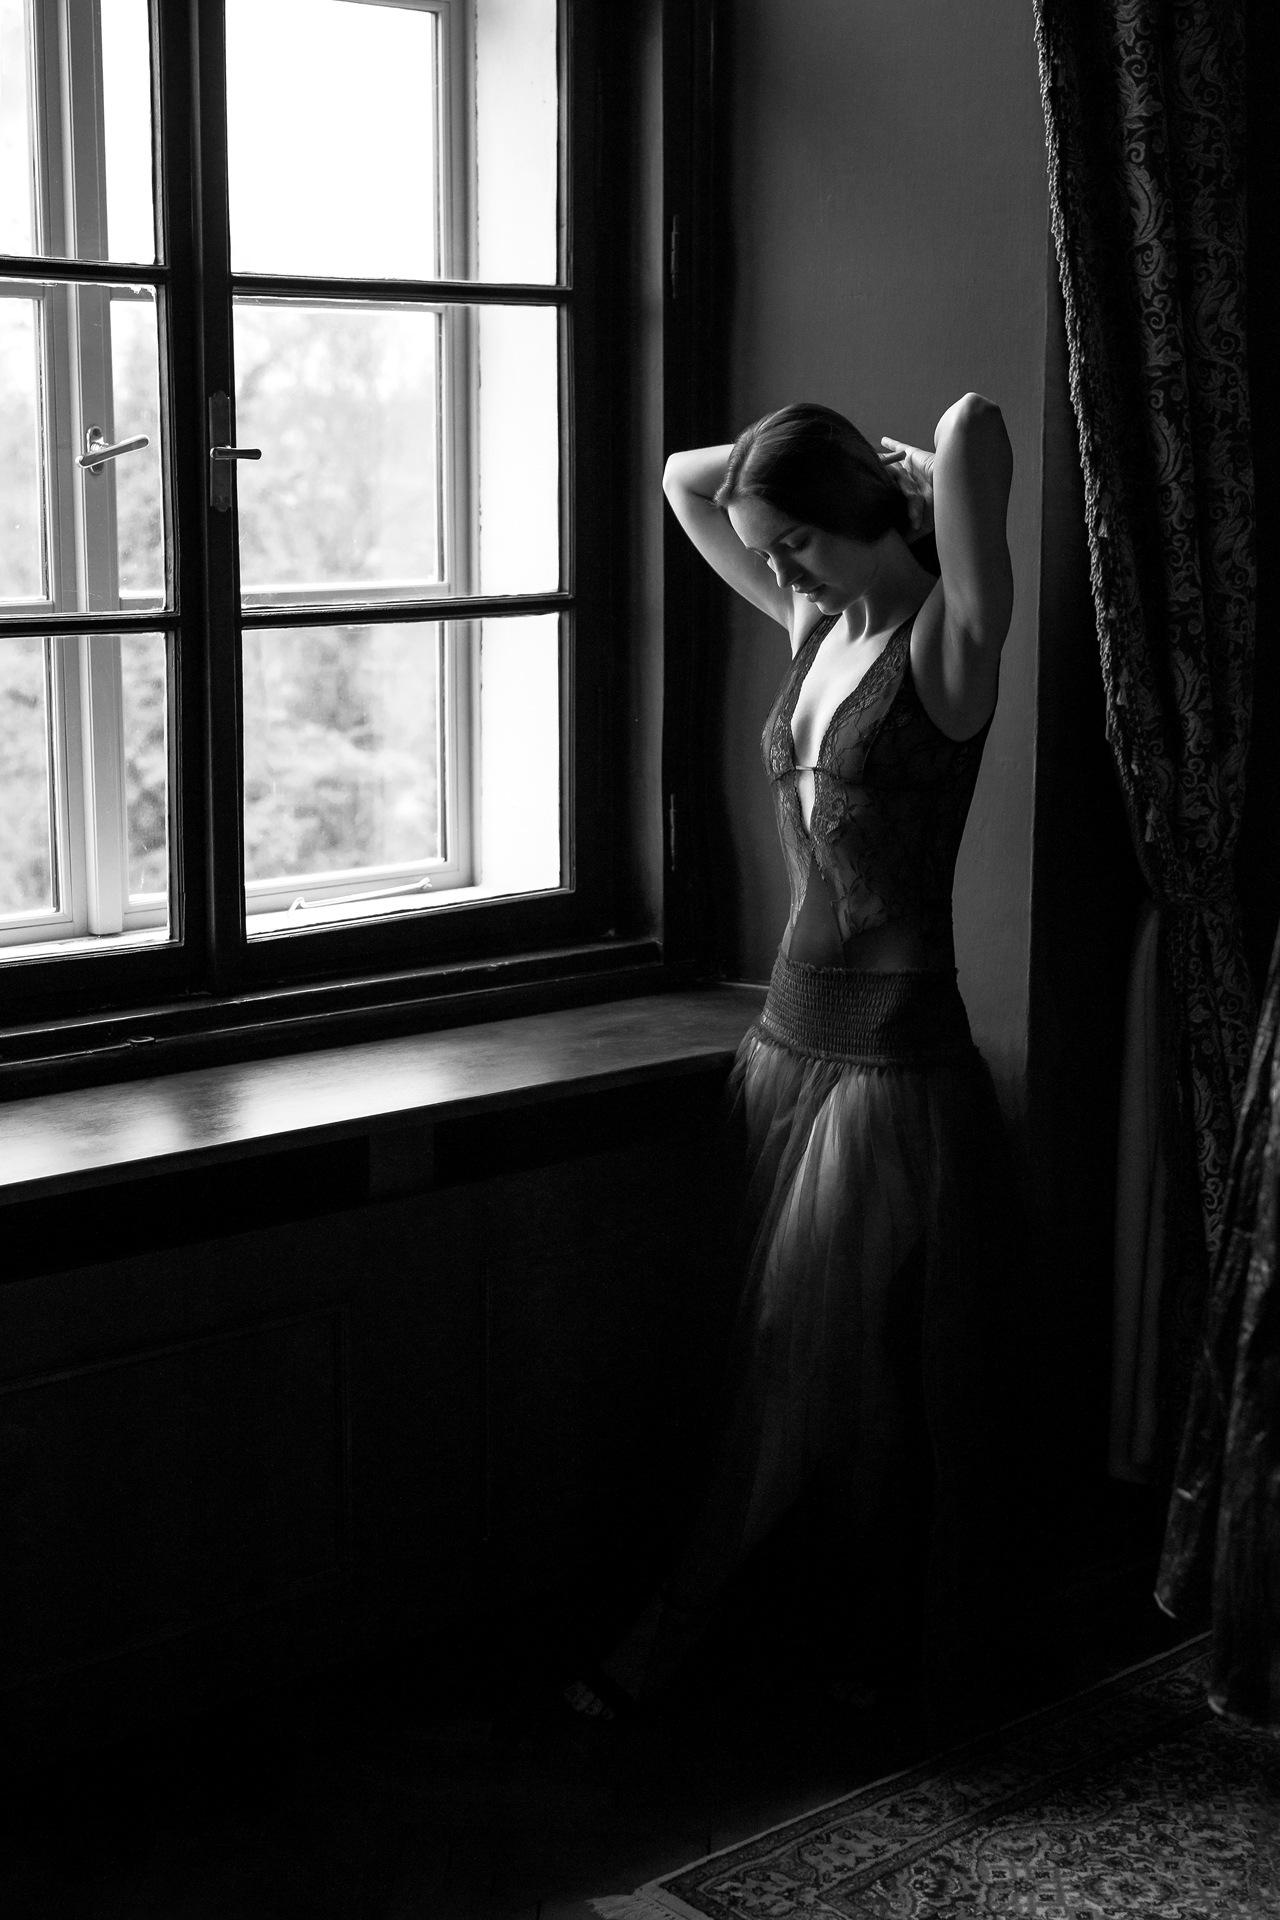 Figure by the Window by kimovitzkk